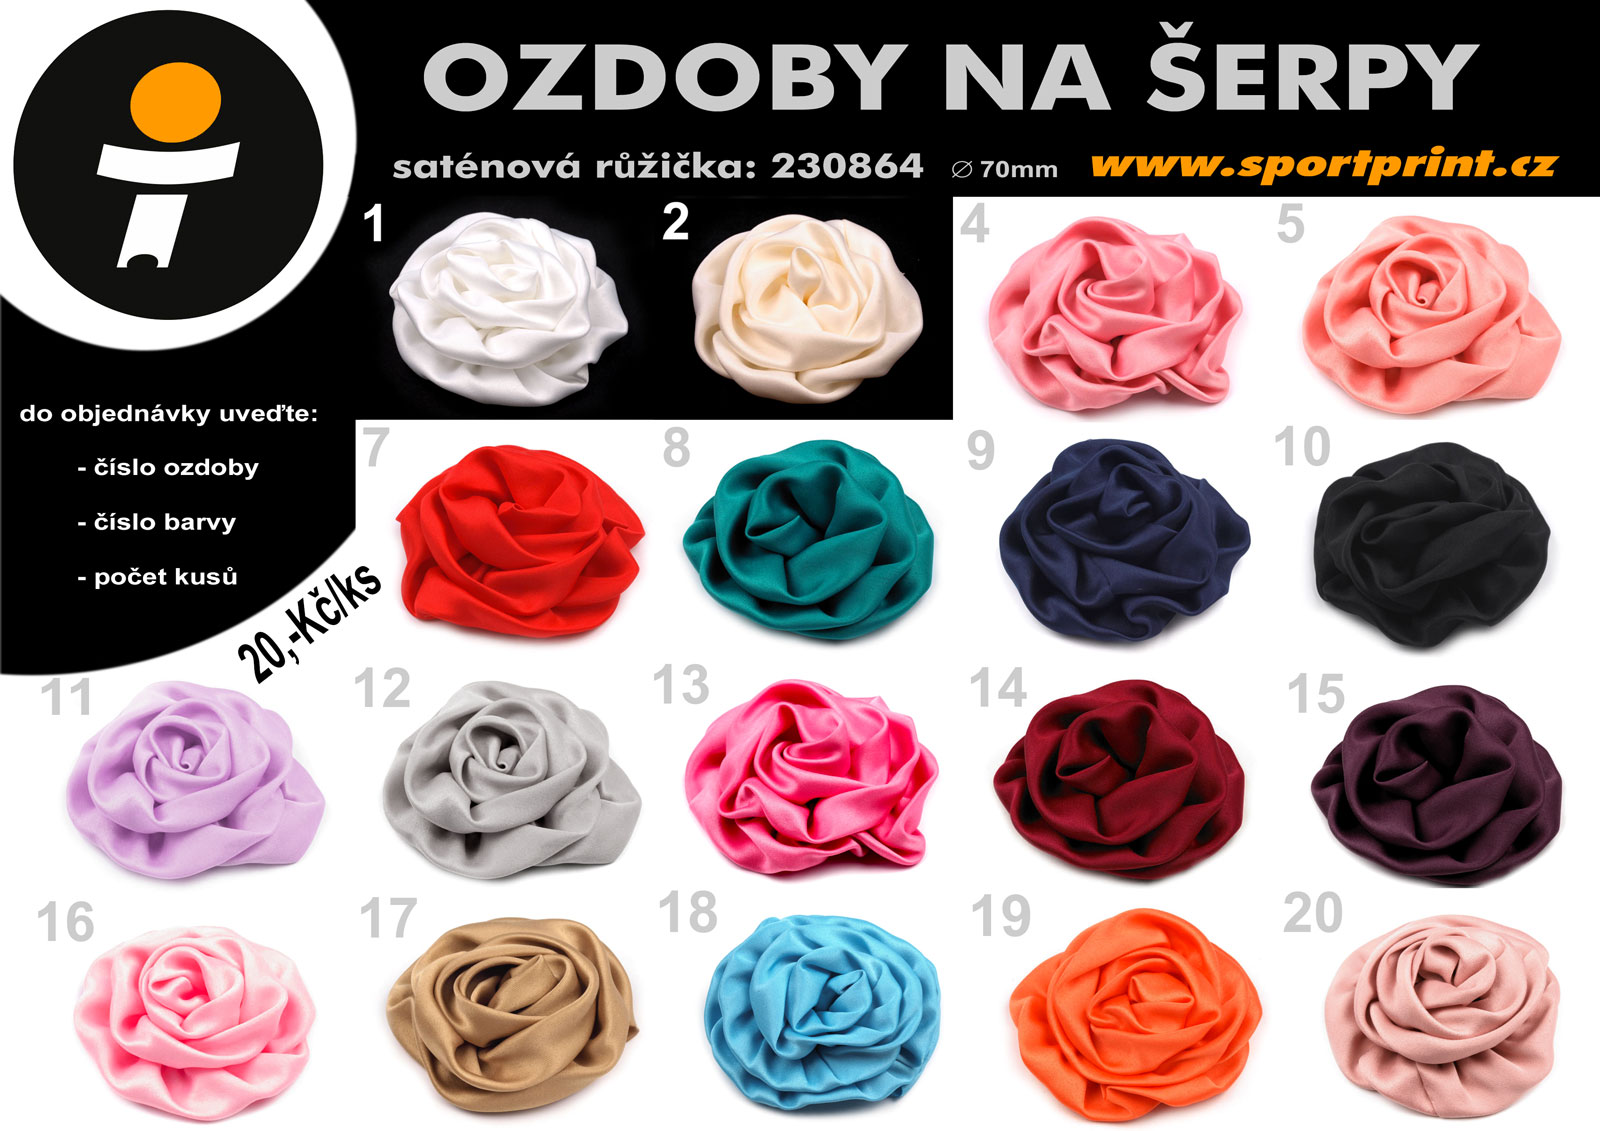 ozdoby230864